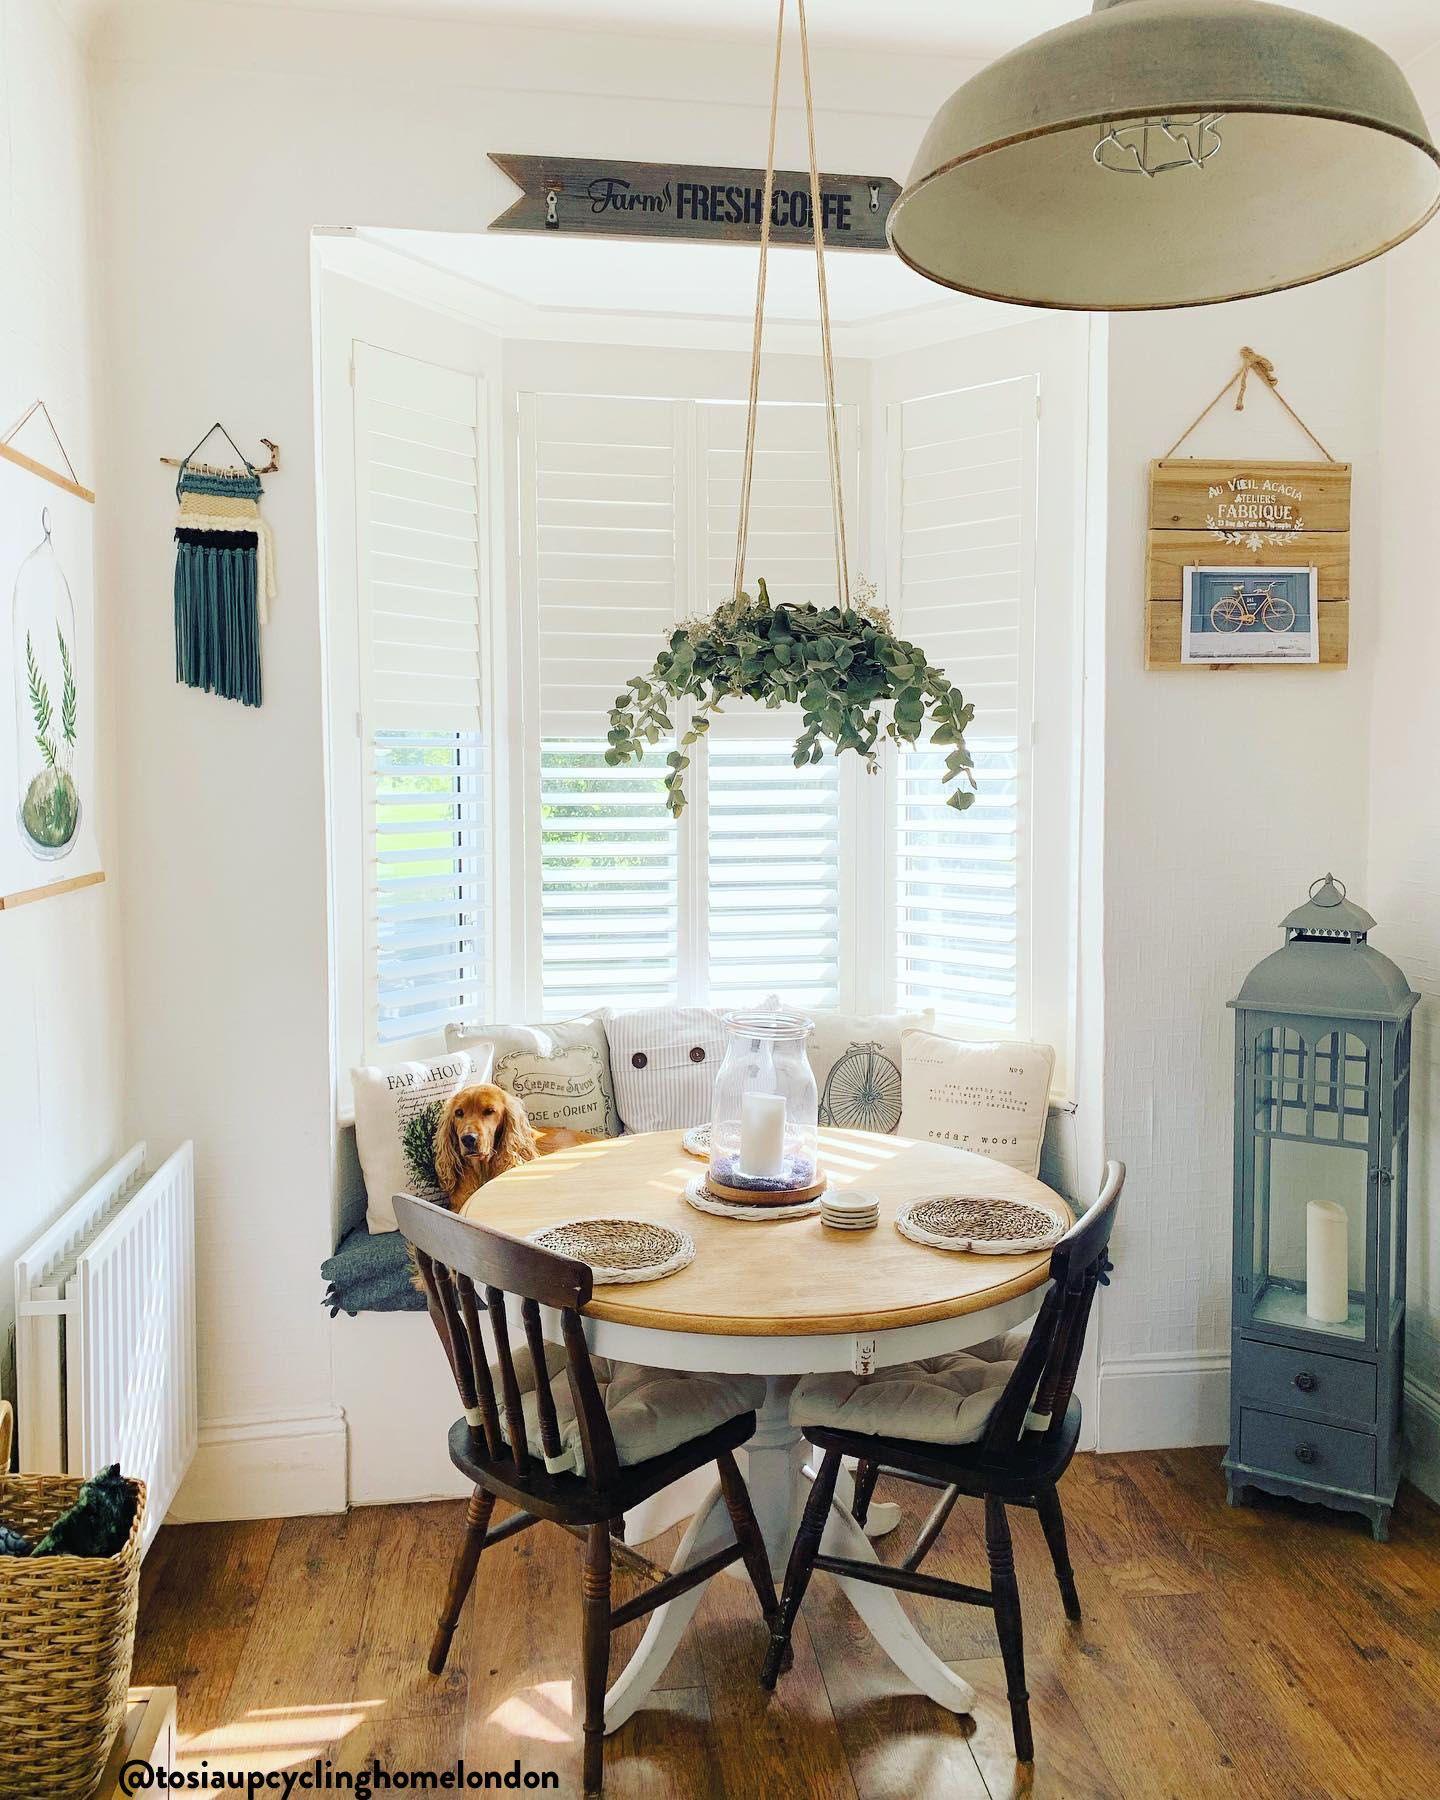 Runde Esstische Tische Online Kaufen Westwingnow In 2020 Kleine Essecke Haus Inneneinrichtung